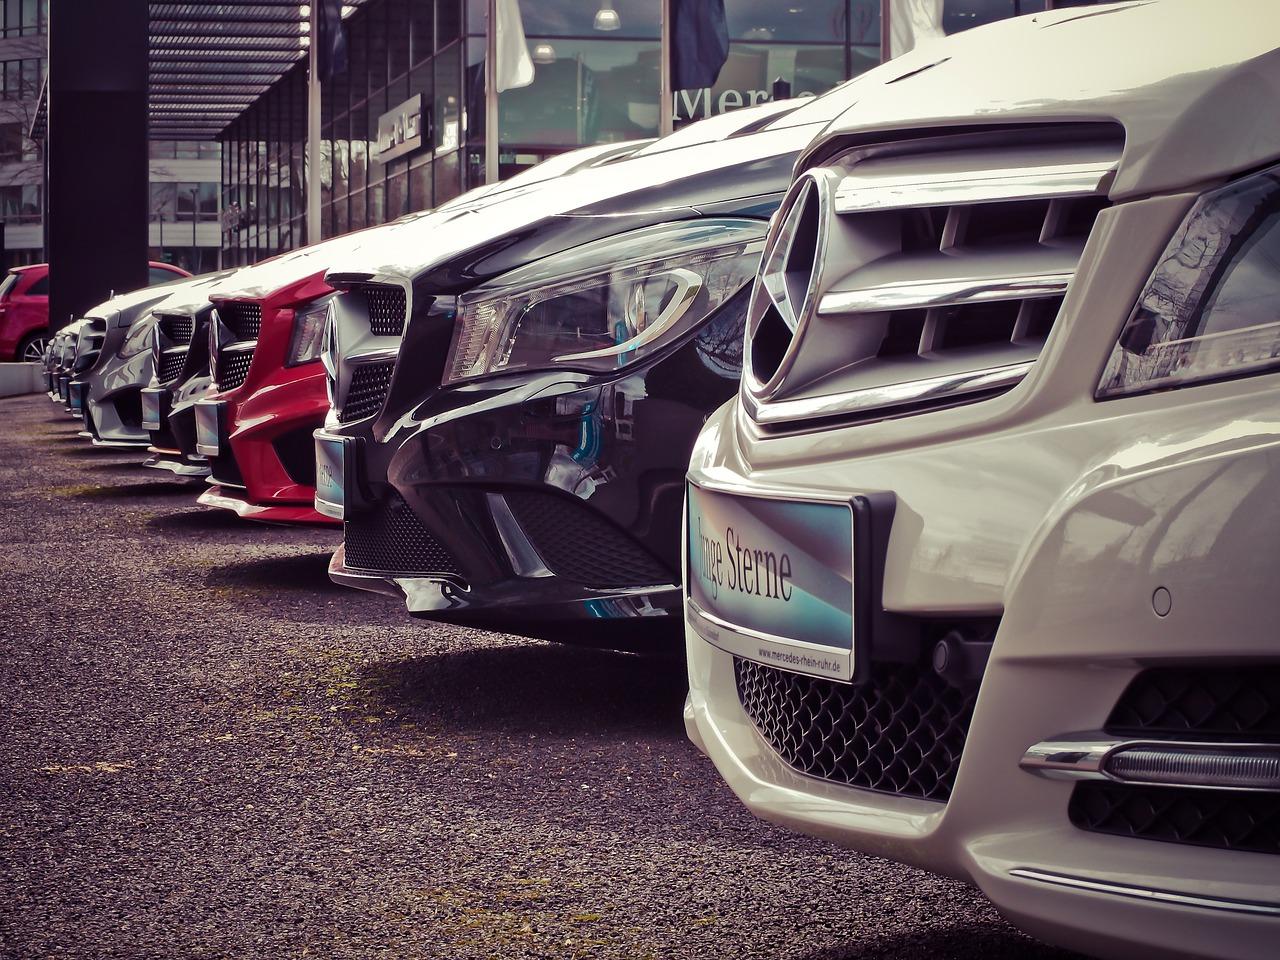 【汽車專知】該買車好還是租車好?各有什麼優缺點?